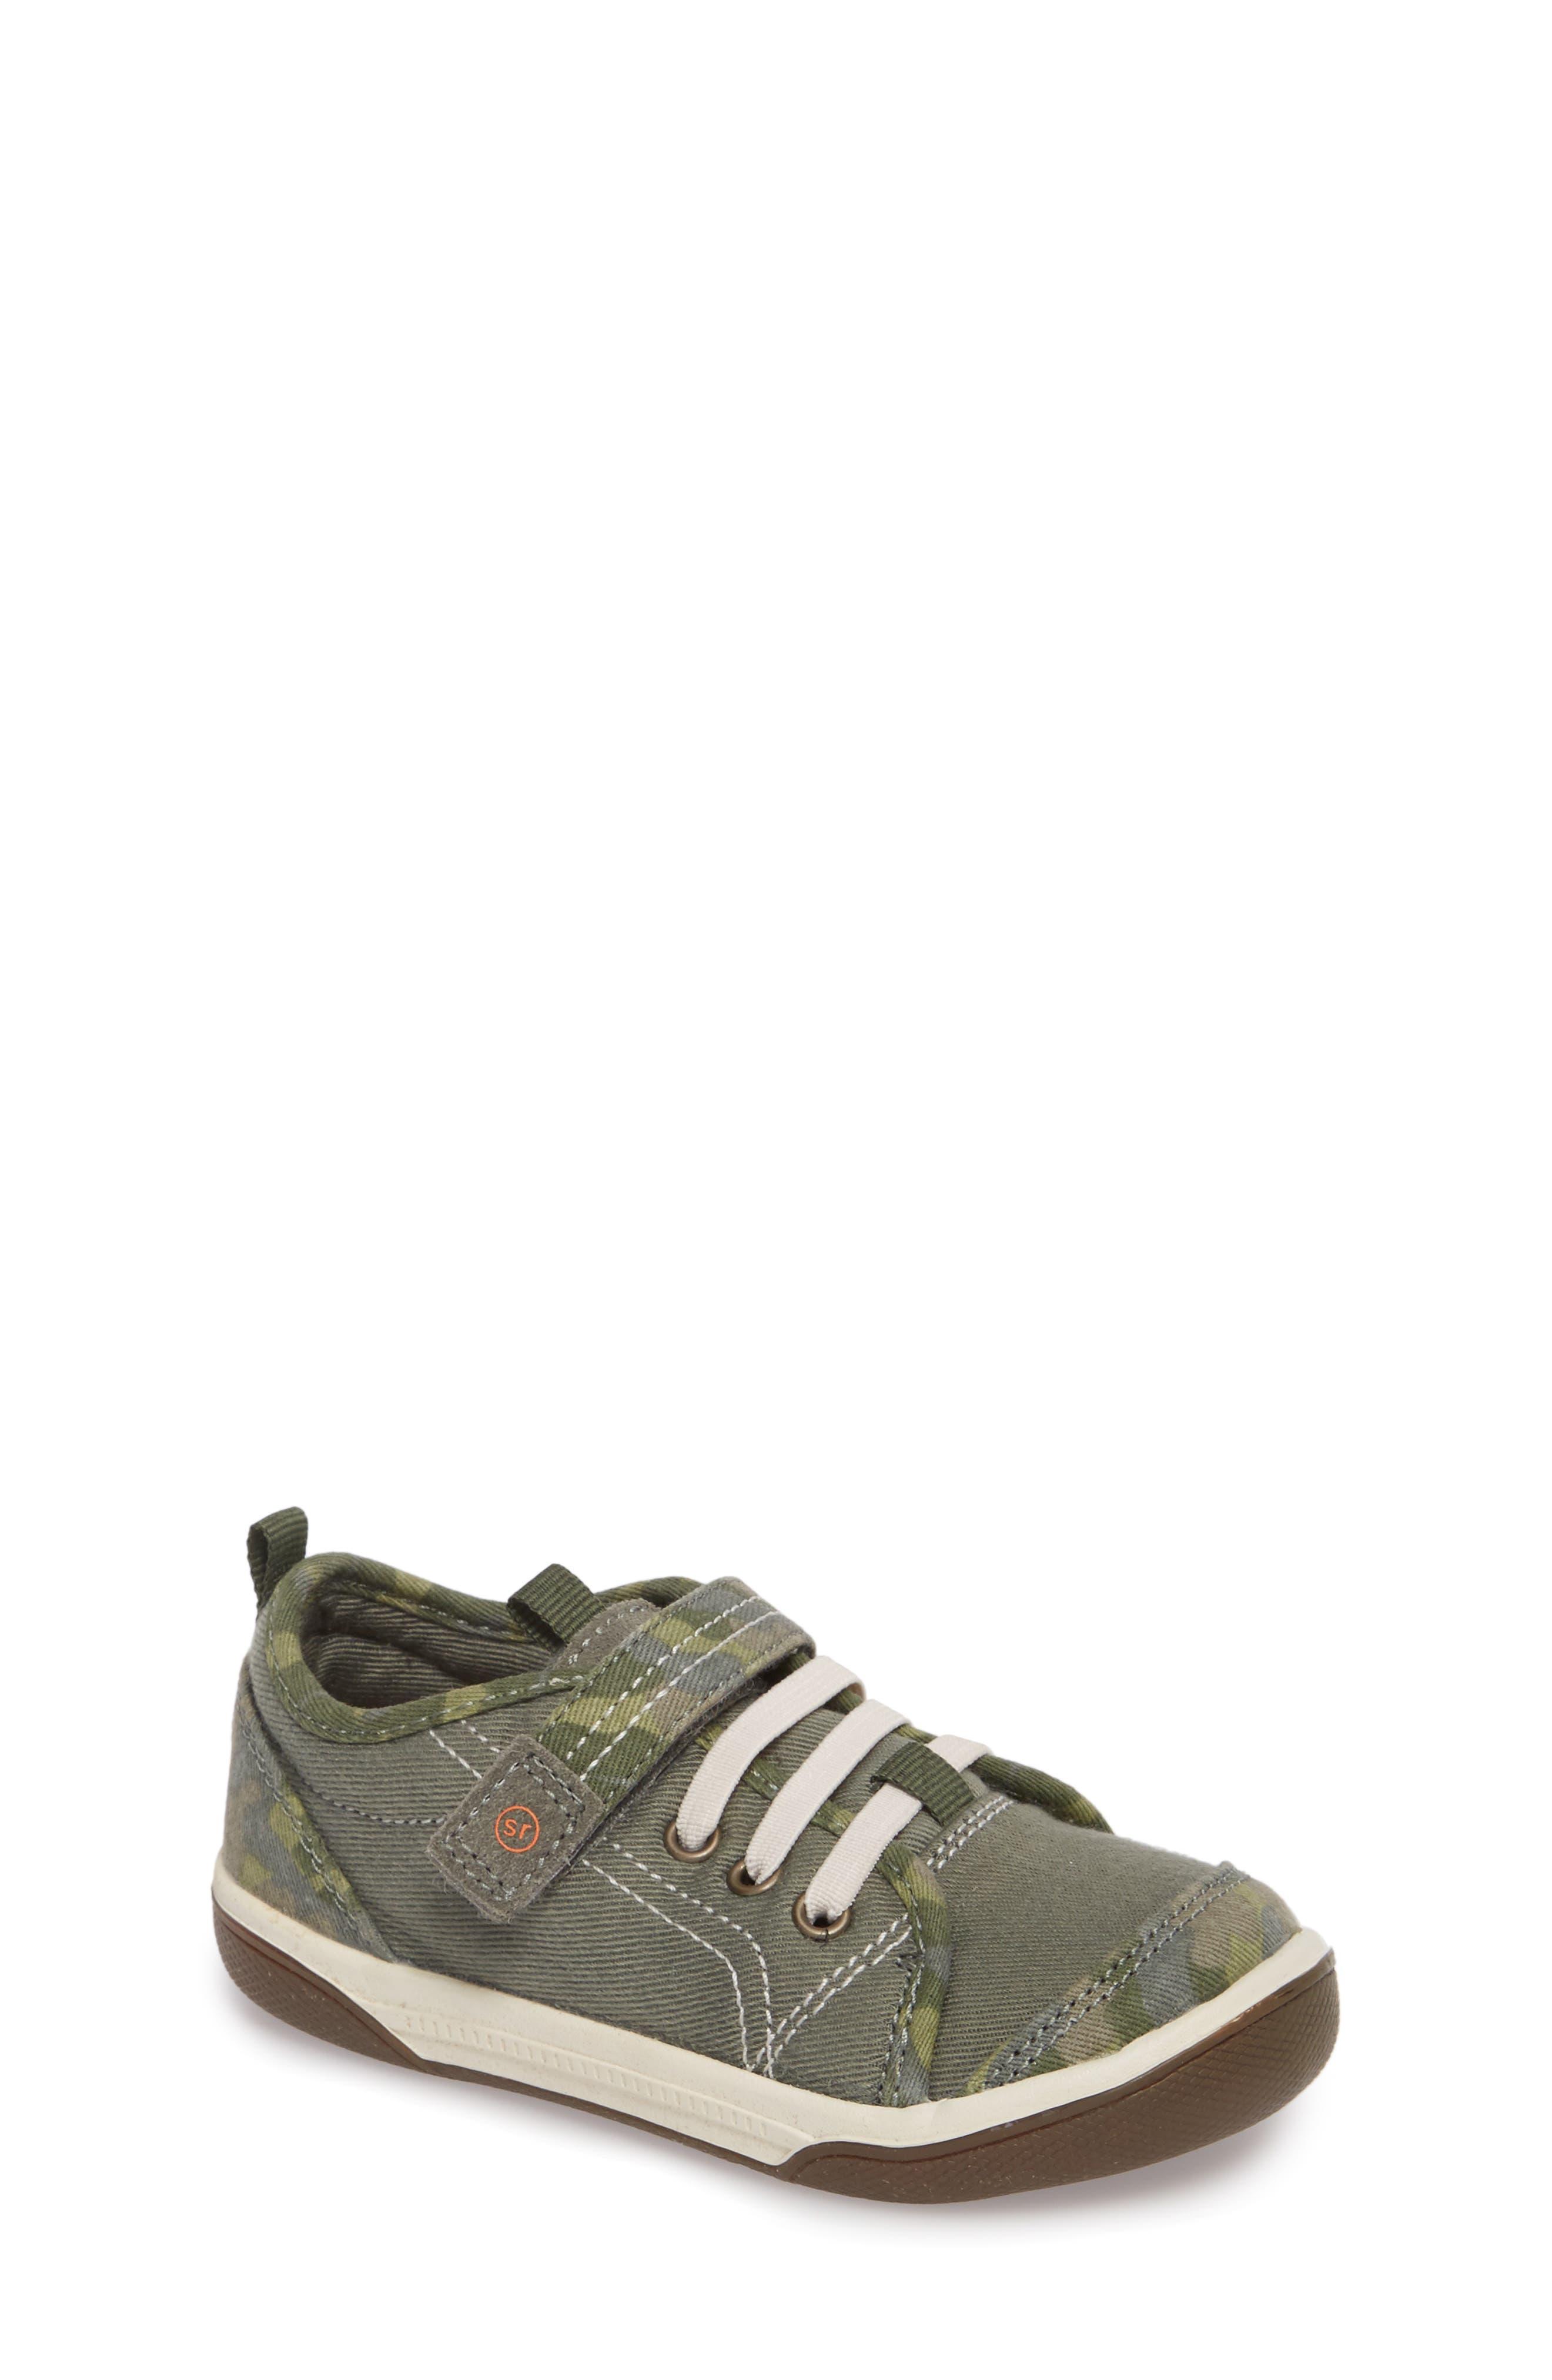 Dakota Sneaker,                             Main thumbnail 1, color,                             Green Camo Canvas